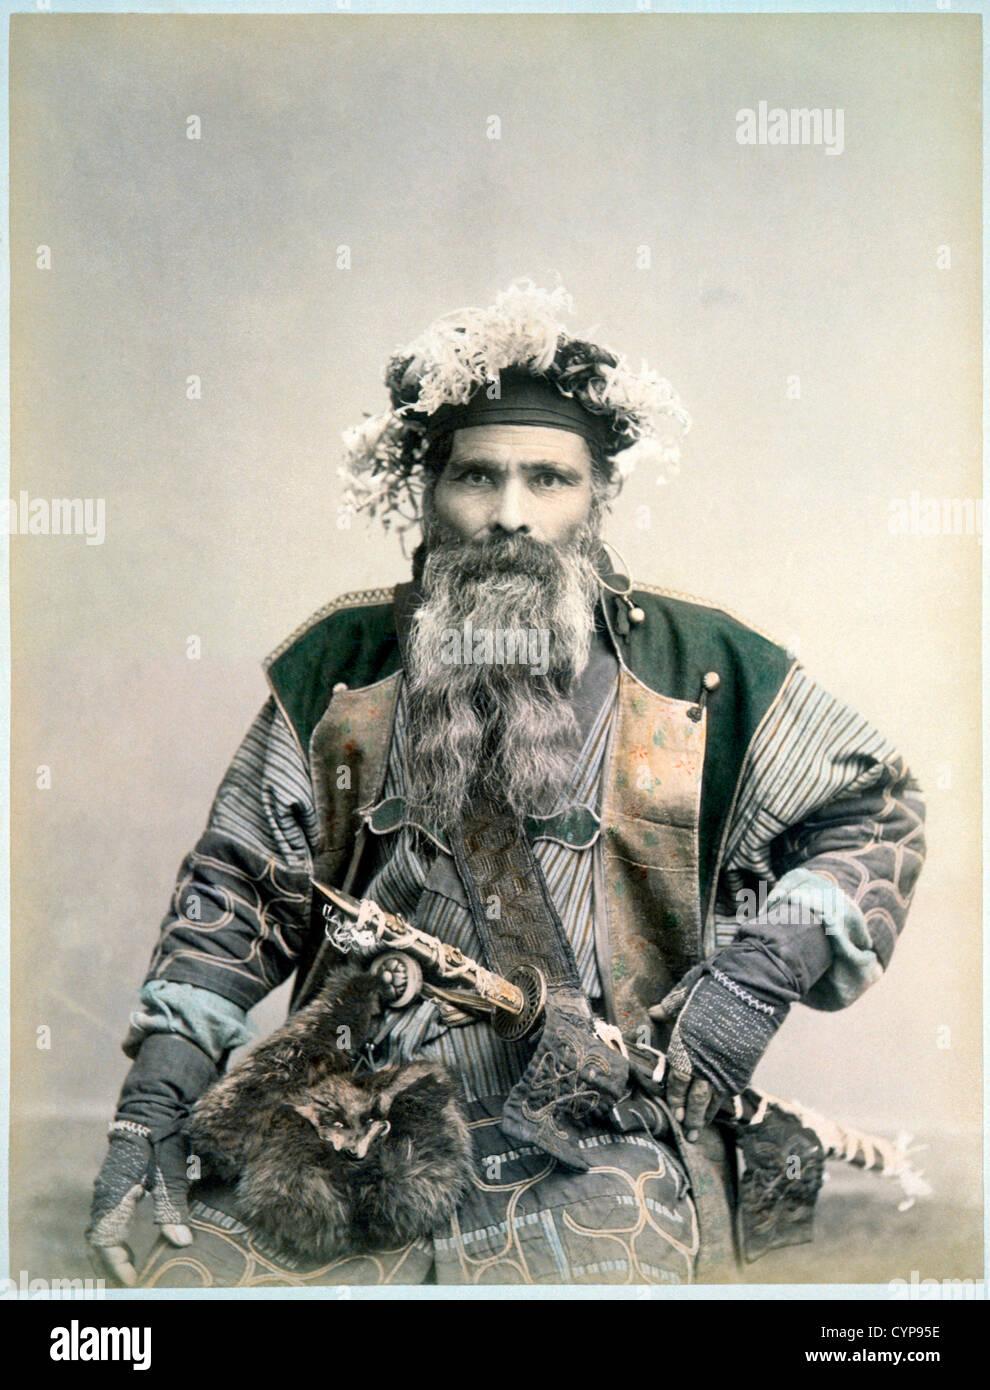 Samurai-Krieger, um 1880 Stockbild